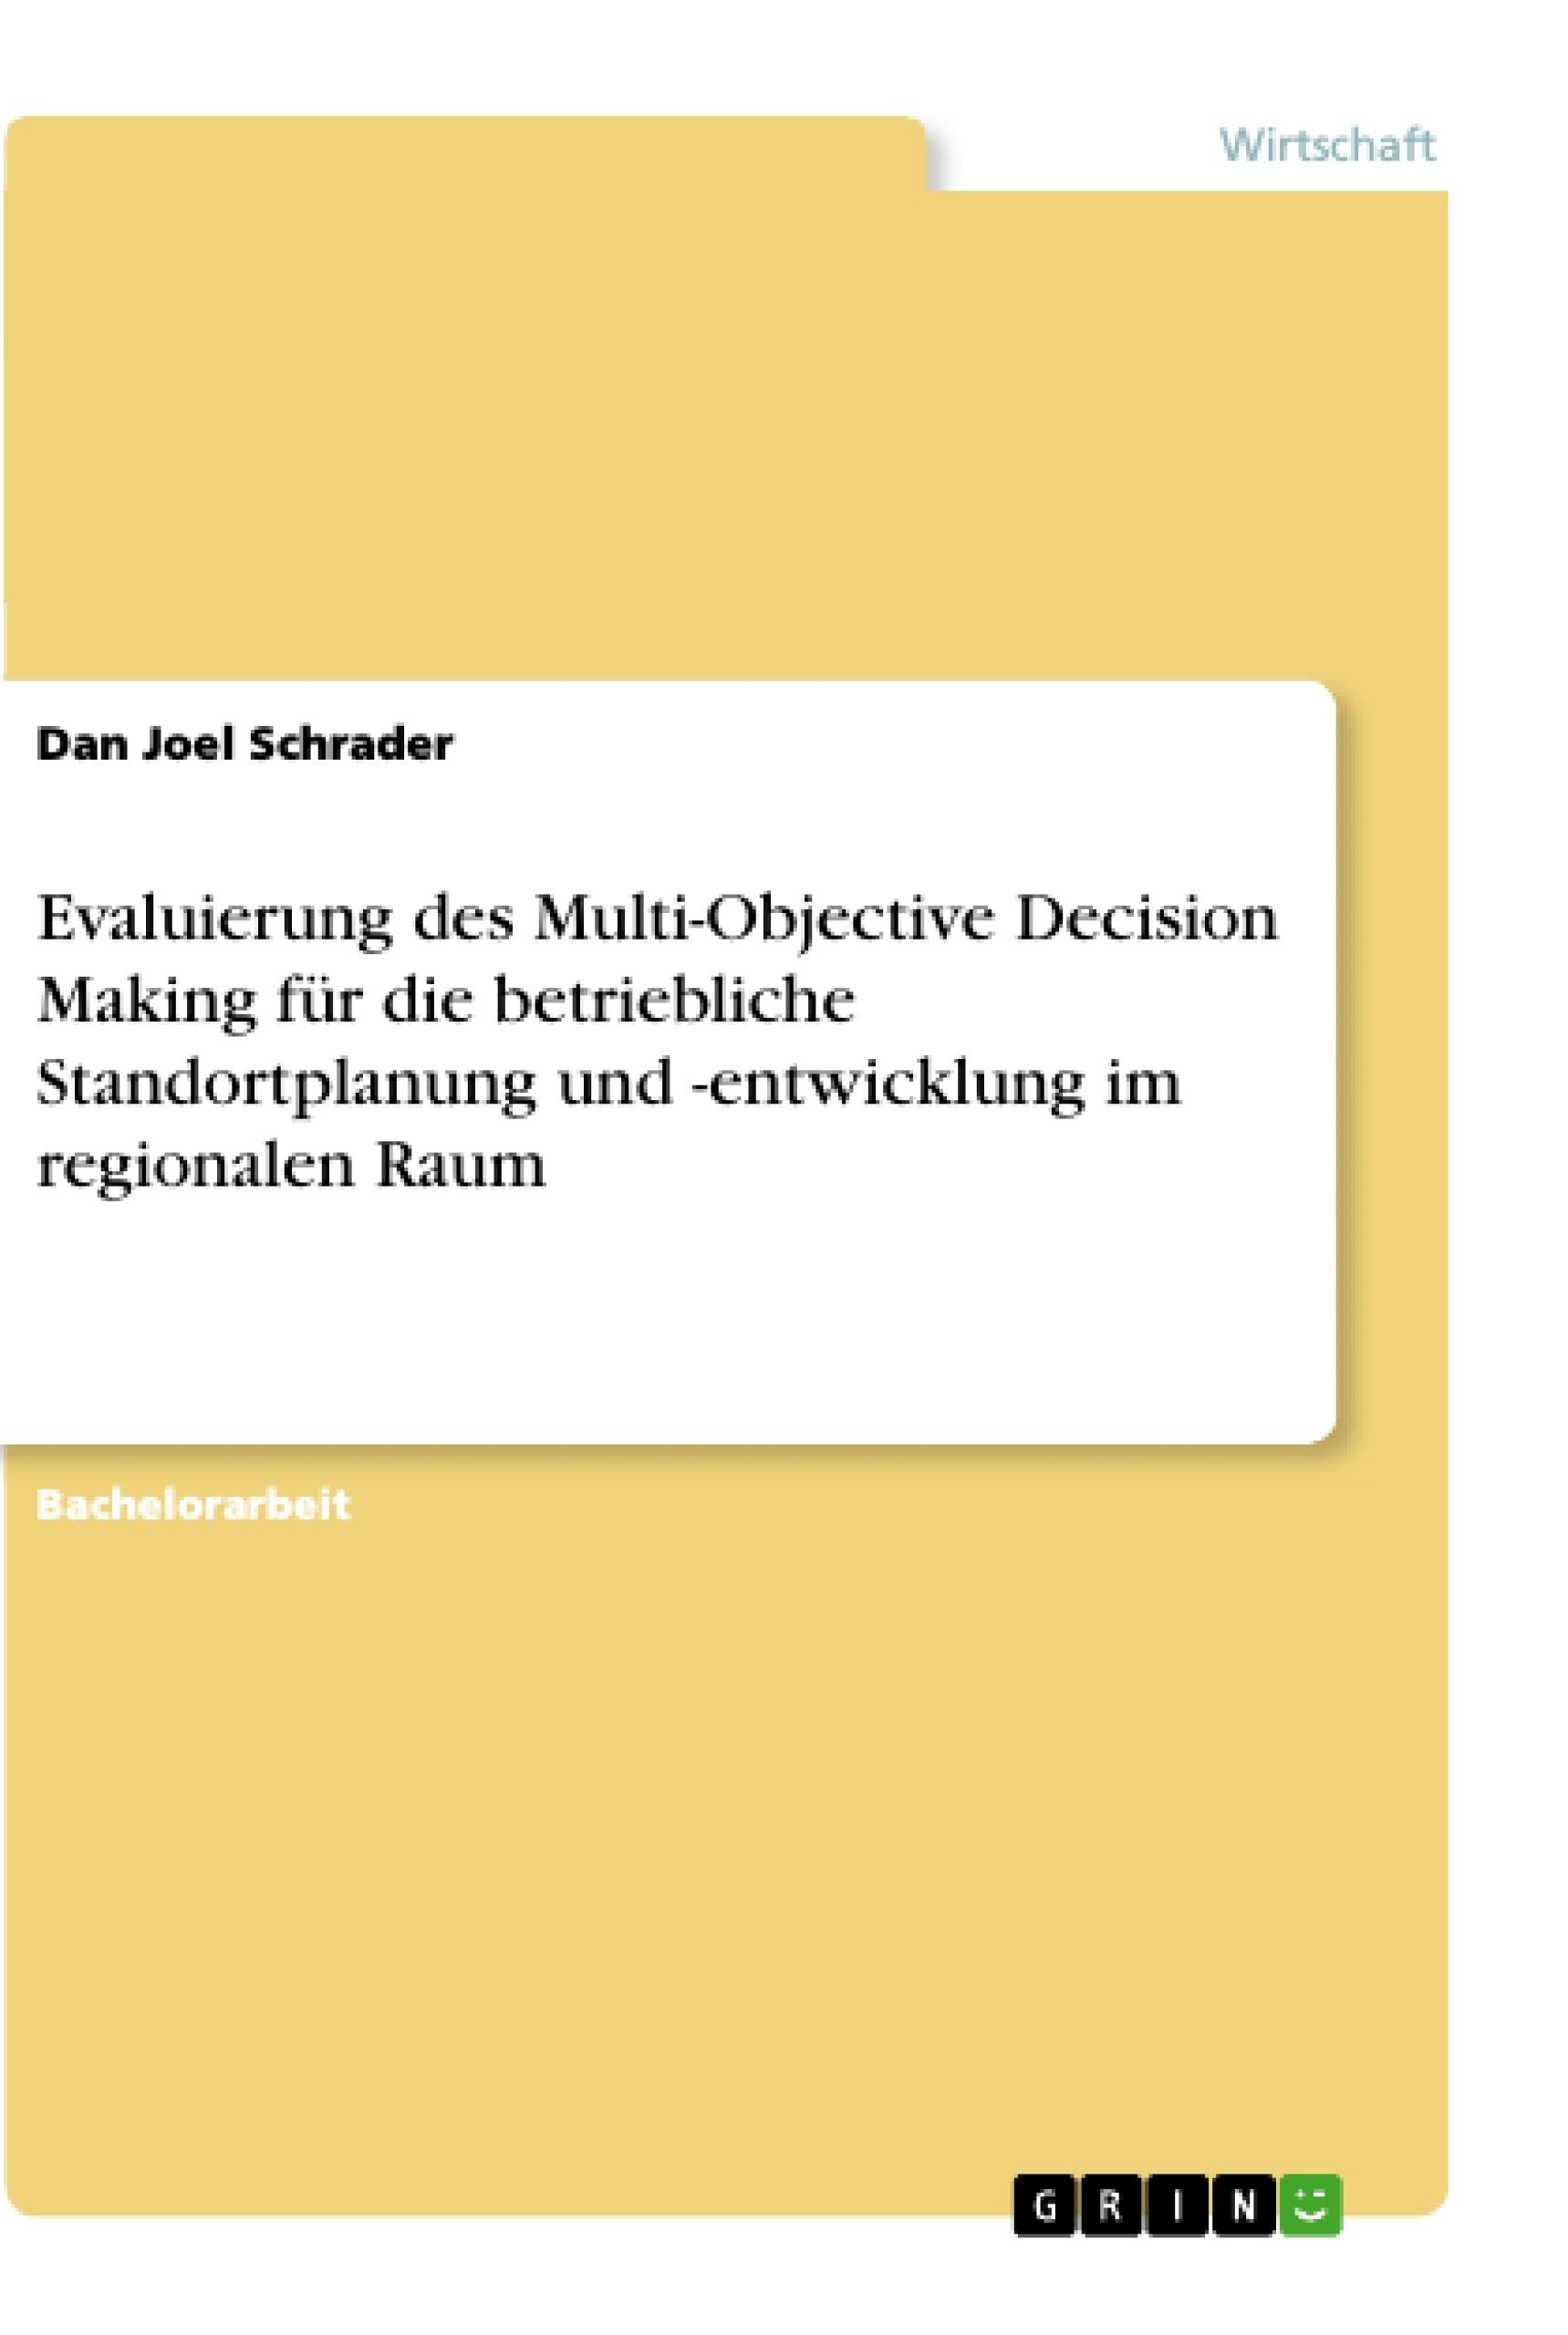 Titel: Evaluierung des Multi-Objective Decision Making für die betriebliche Standortplanung und -entwicklung im regionalen Raum